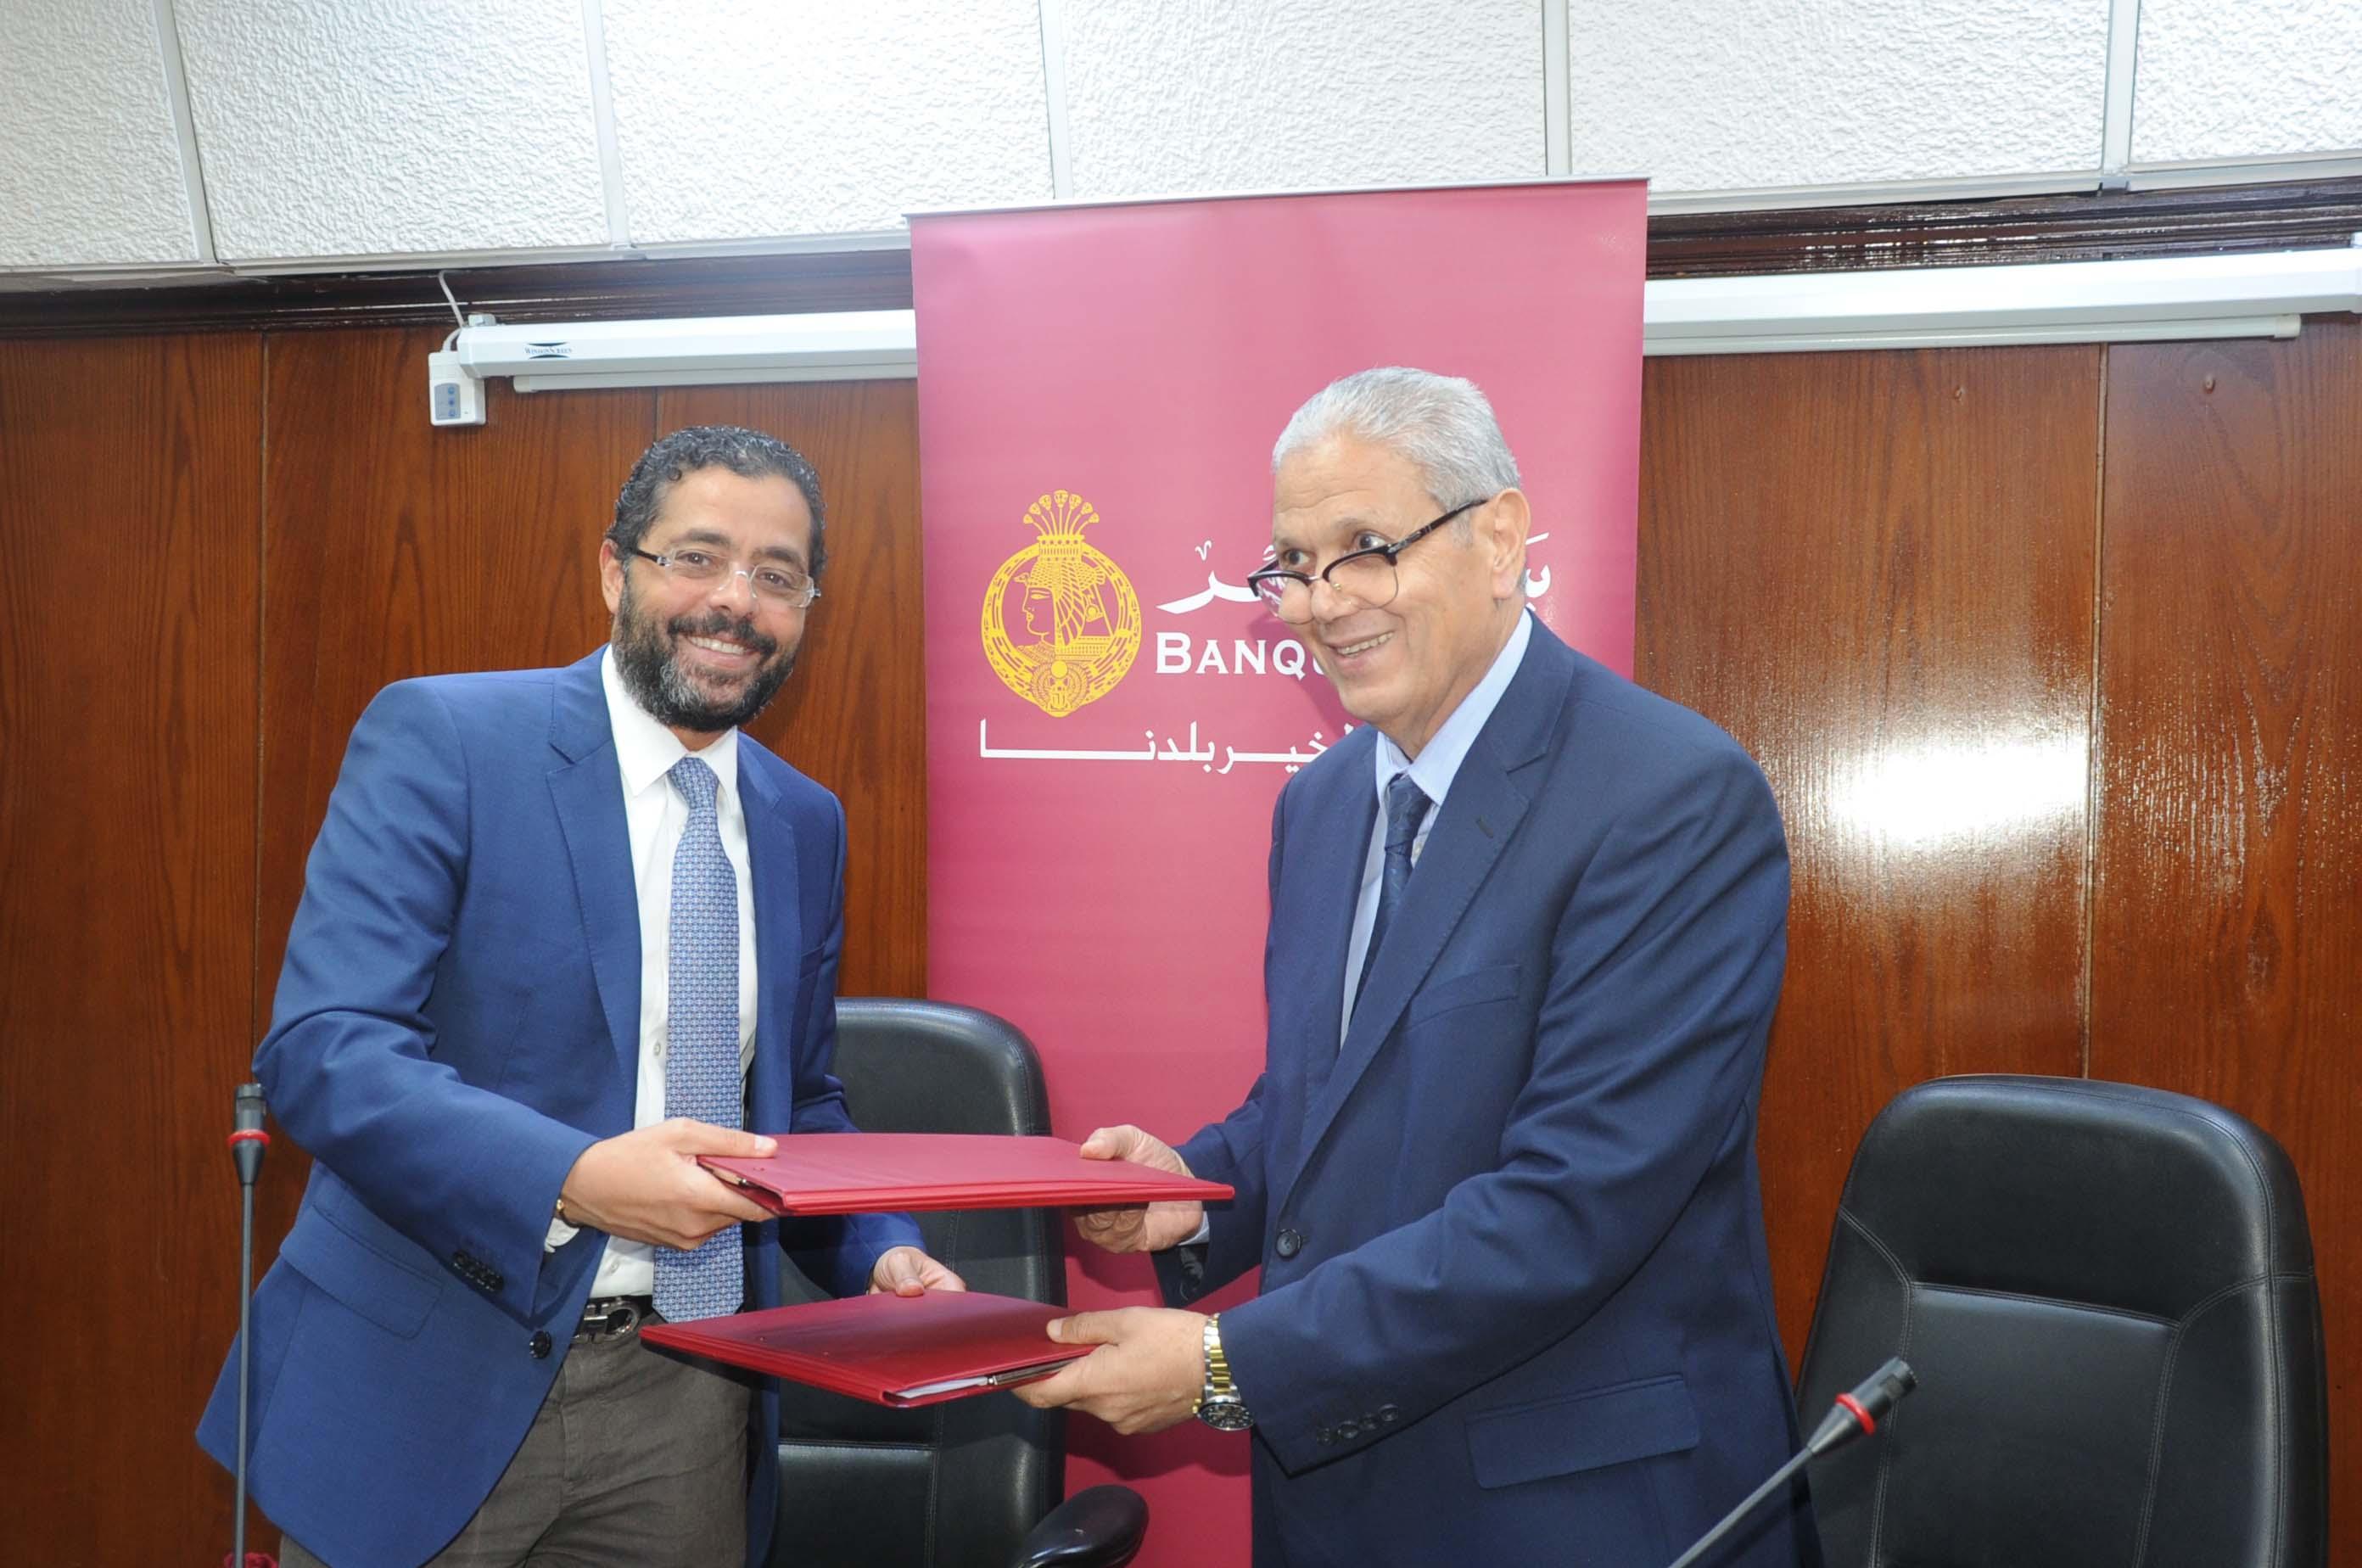 بنك مصر يوقع اتفاقية تعاون مع شركة شمال القاهرة لتوزيع الكهرباء